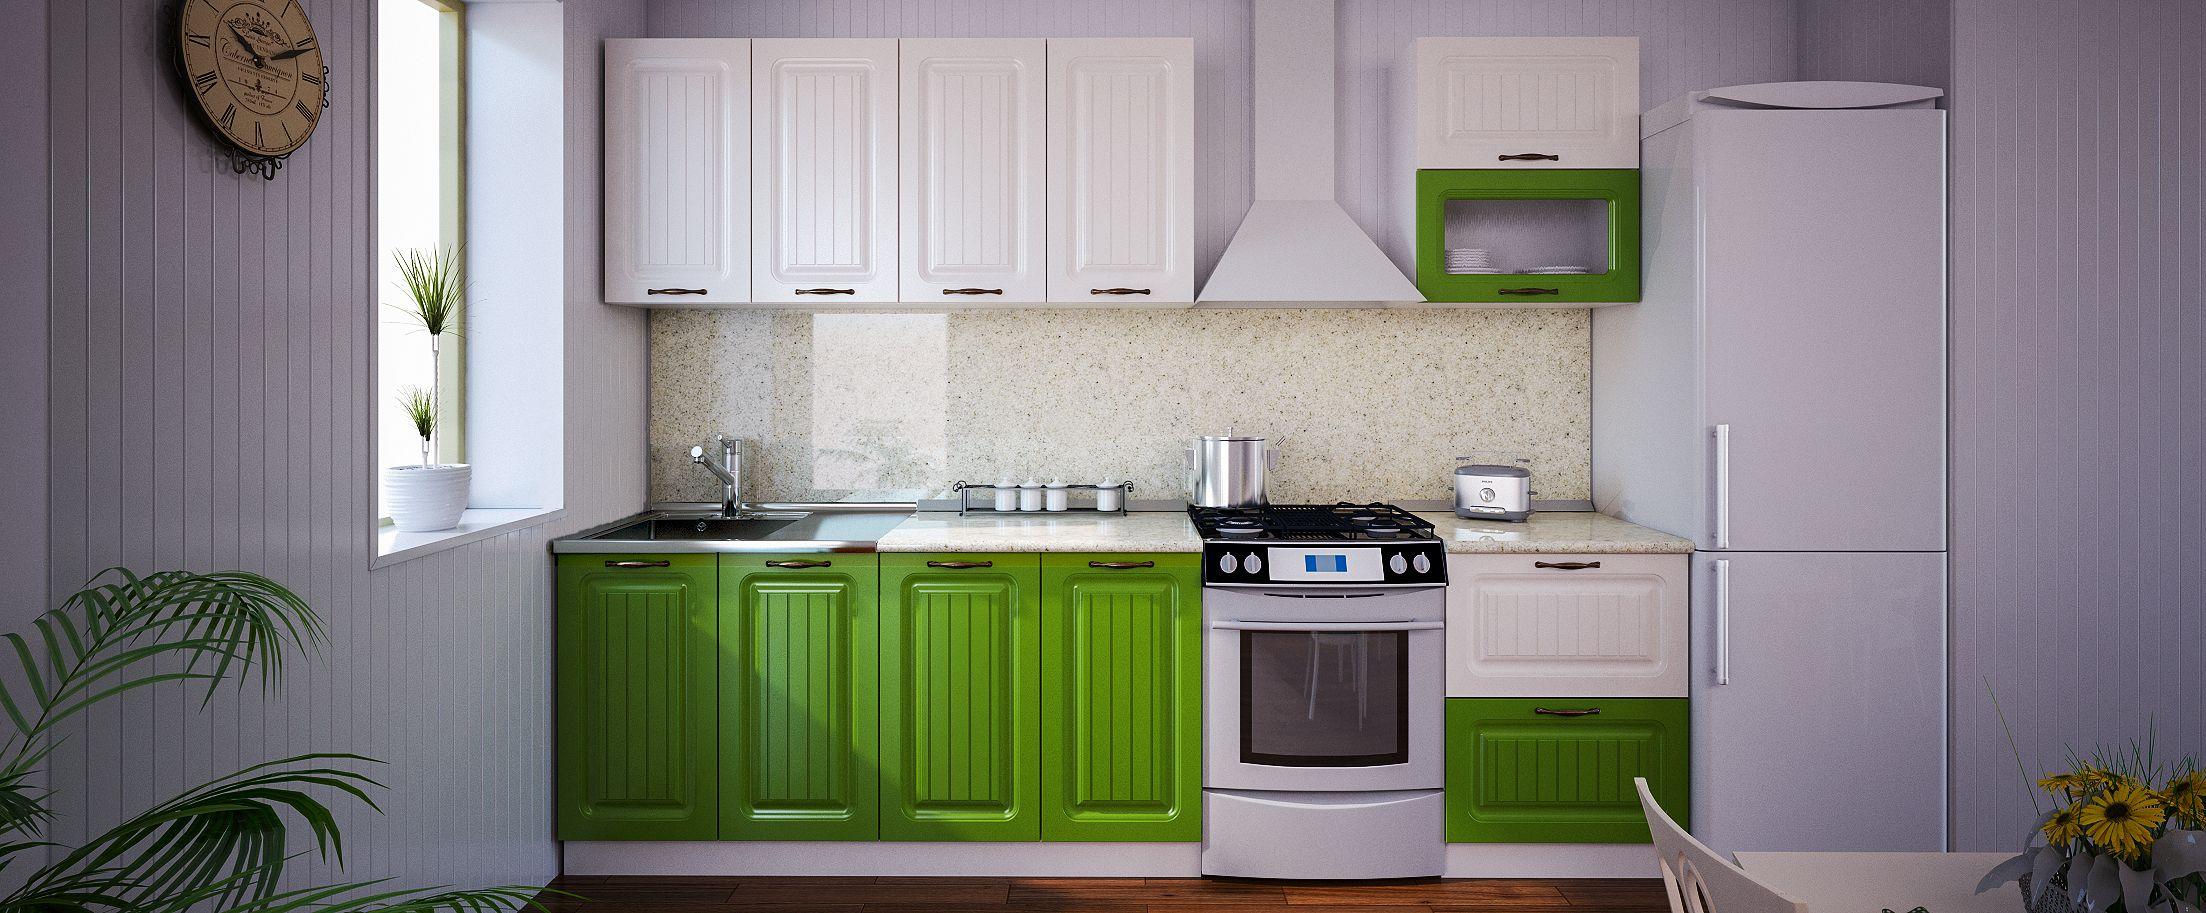 Кухня Паутинка 2,2 мКупить удобный и практичный набор кухонного гарнитура в интернет магазине MOON TRADE. Быстрая доставка, вынос упаковки, гарантия! Выгодная покупка!<br>